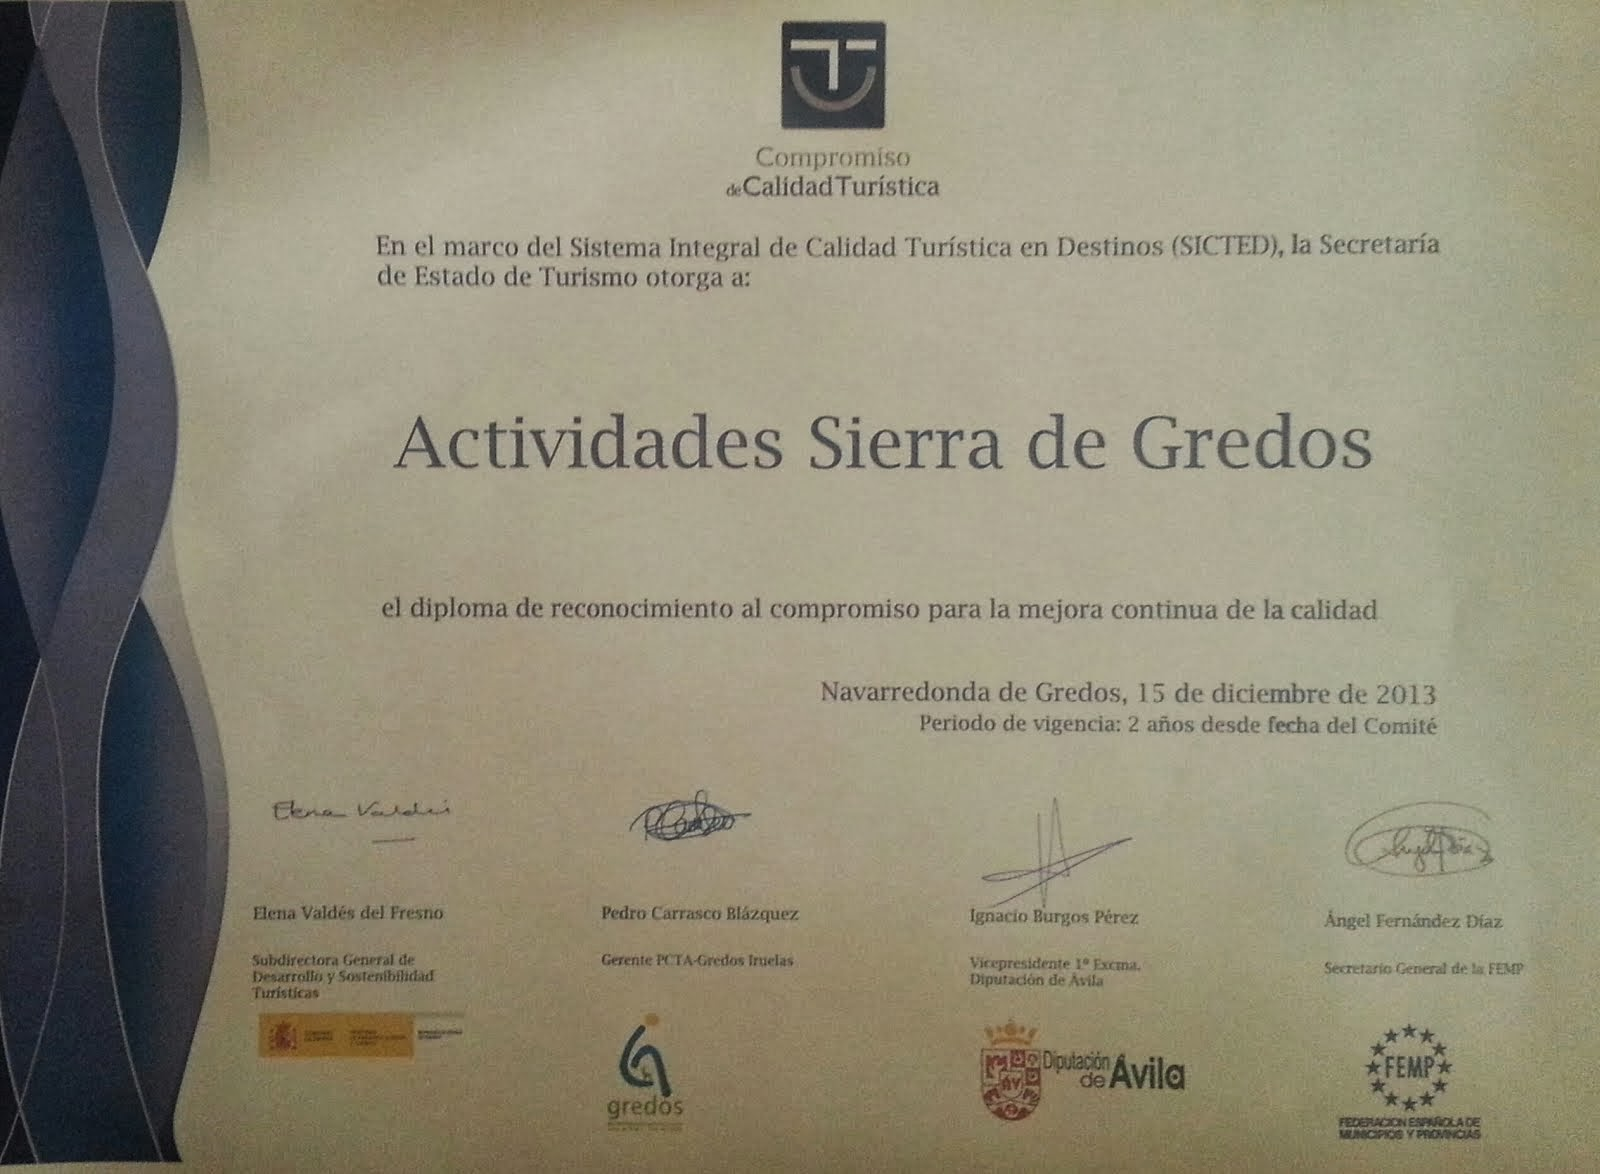 Actividades Sierra de Gredos